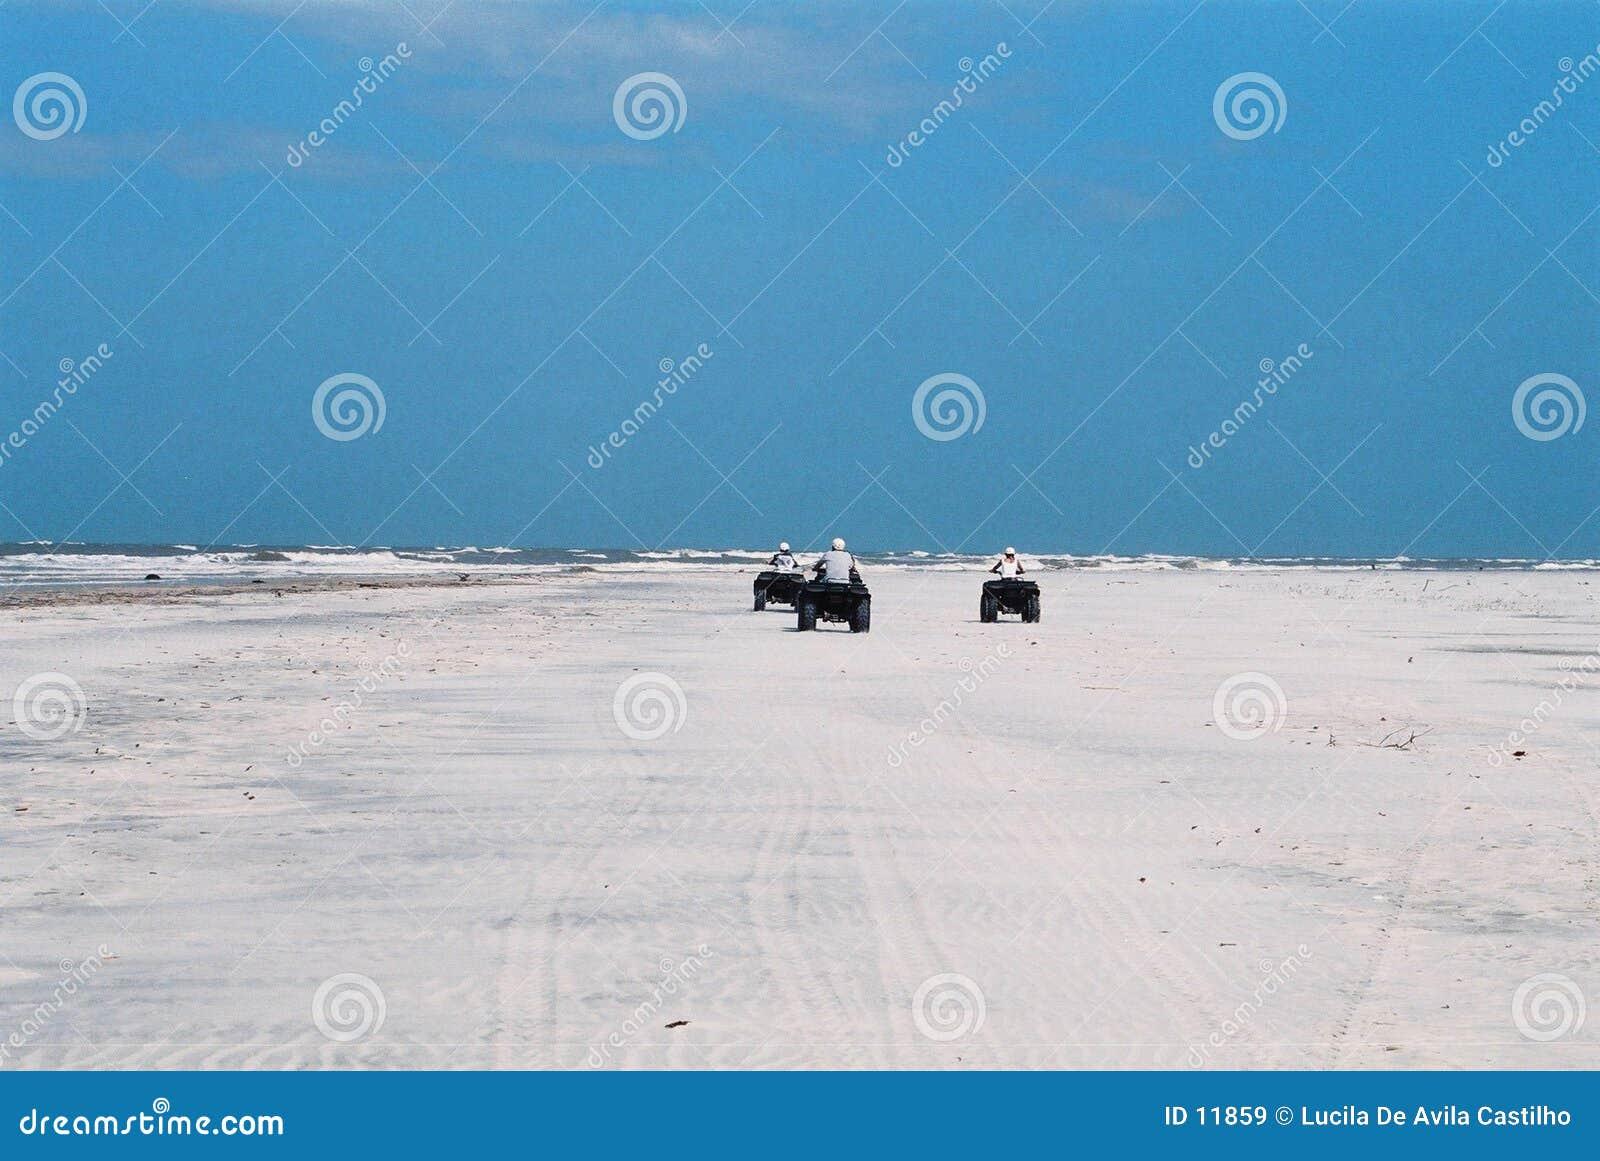 Plaża jest opustoszała przygody?